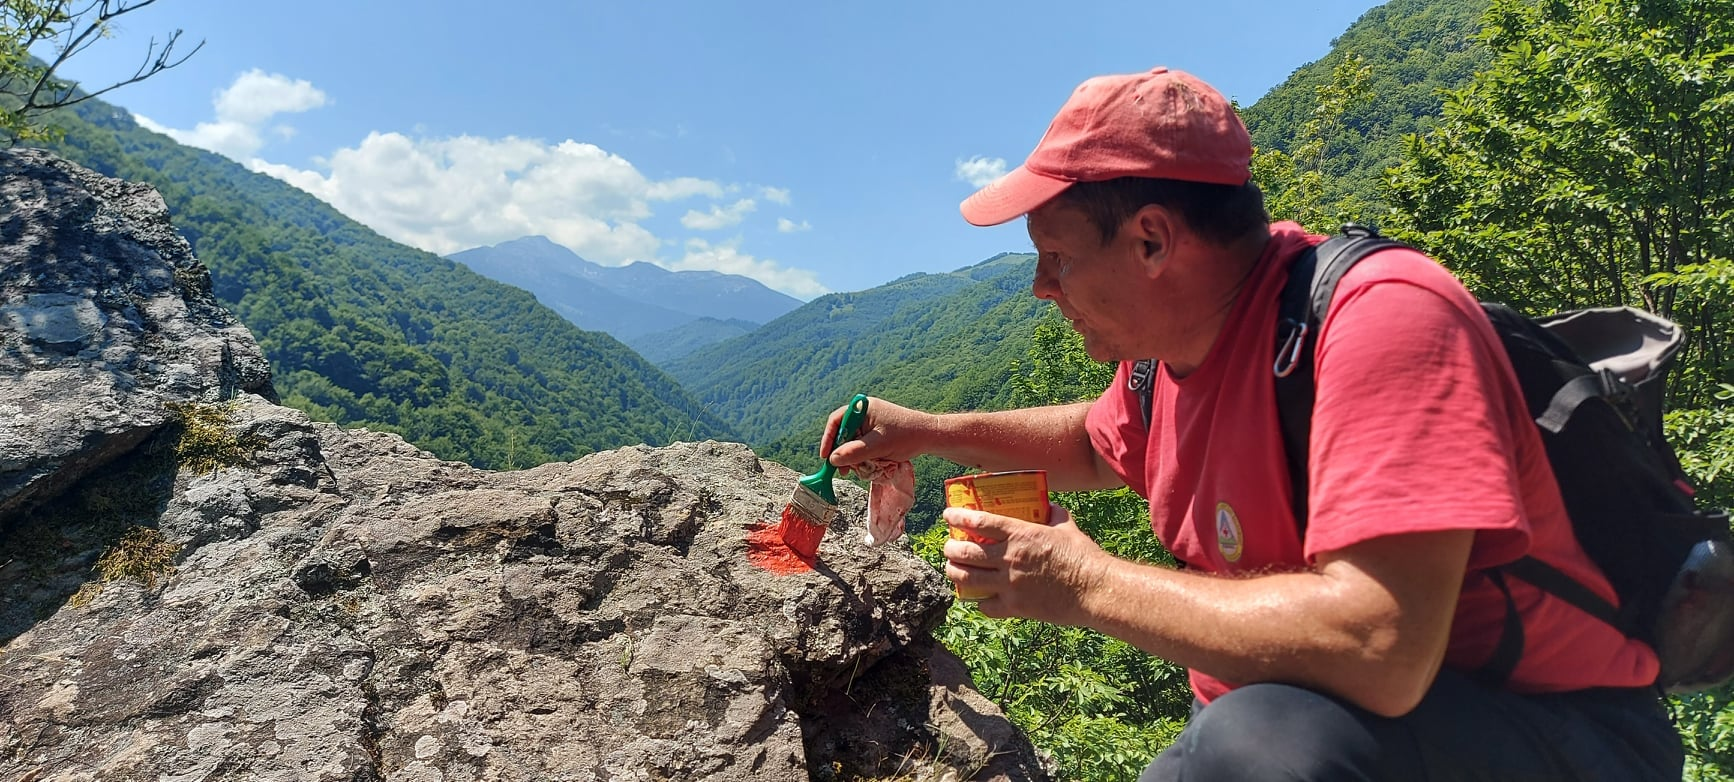 Salvamontiștii curăță și refac marcajele traseelor turistice din Retezat și Șureanu. Voluntarii pot da o mână de ajutor